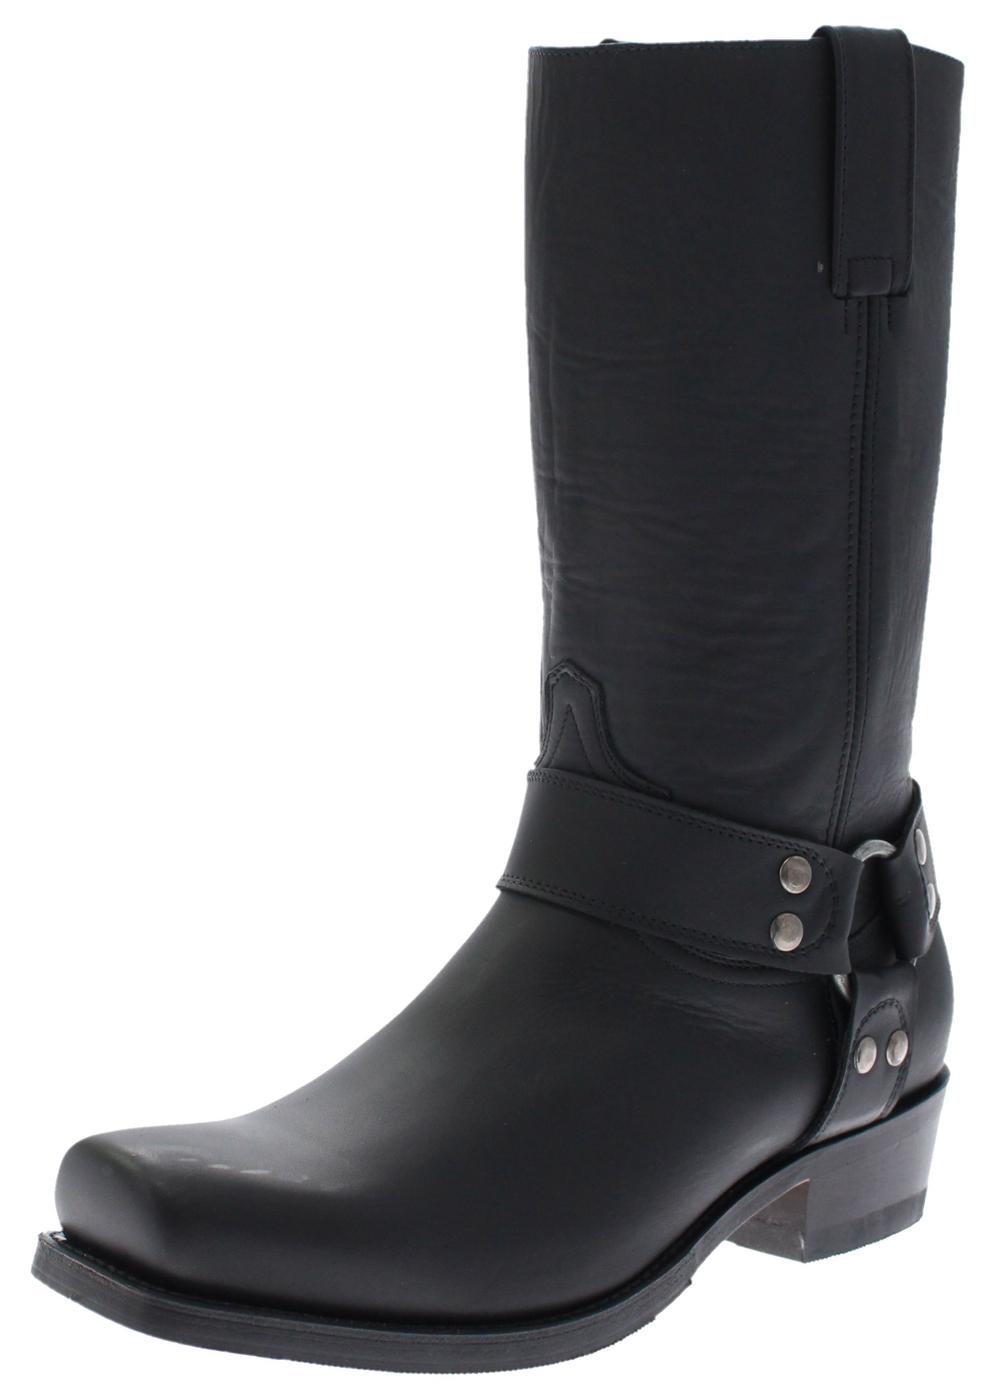 acb6acb9f5a Sendra Boots 8833 Negro biker boot - Black – Bild 1